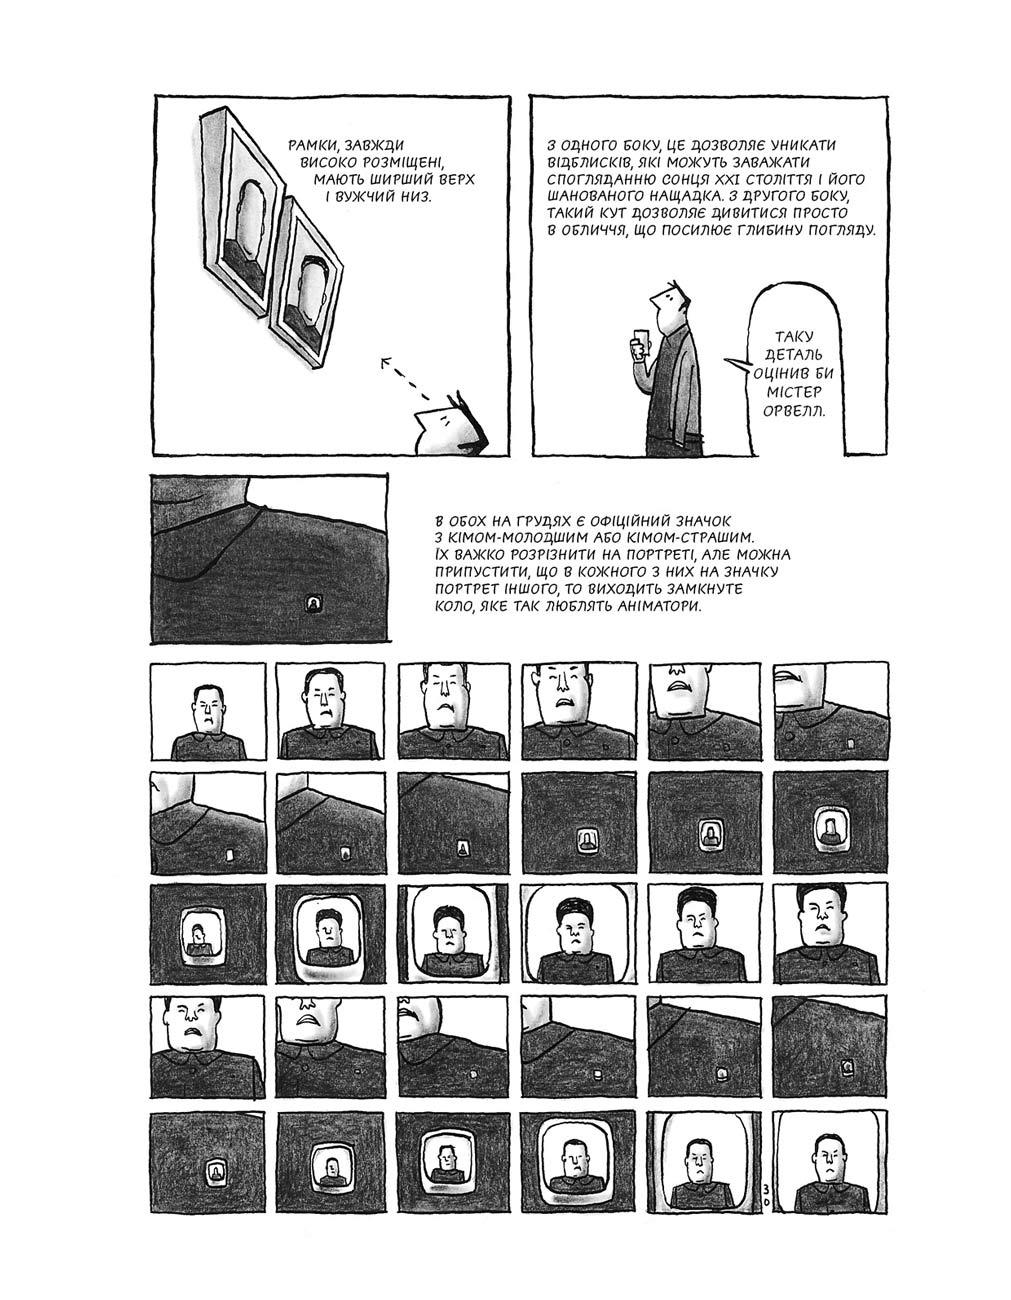 comics review phenjan book 36 - <b>Самые интересные комиксы 2020-го.</b> Первый обзор графических новелл на Забороне - Заборона